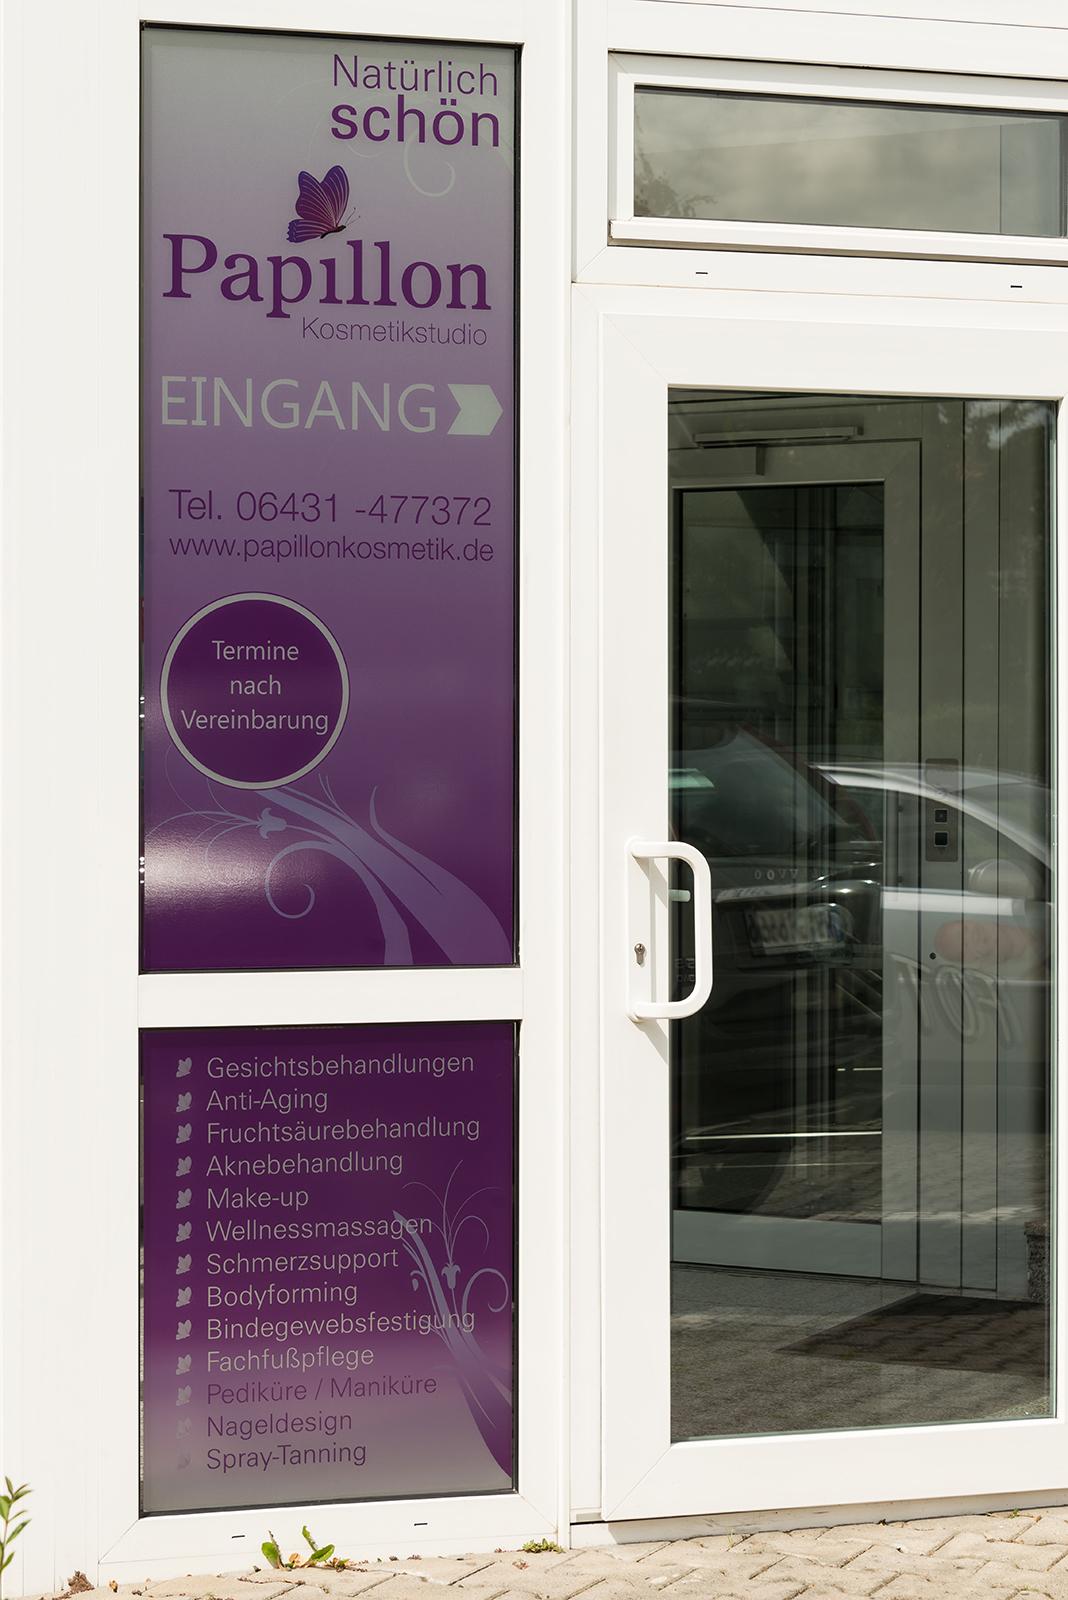 Eingang Papillon